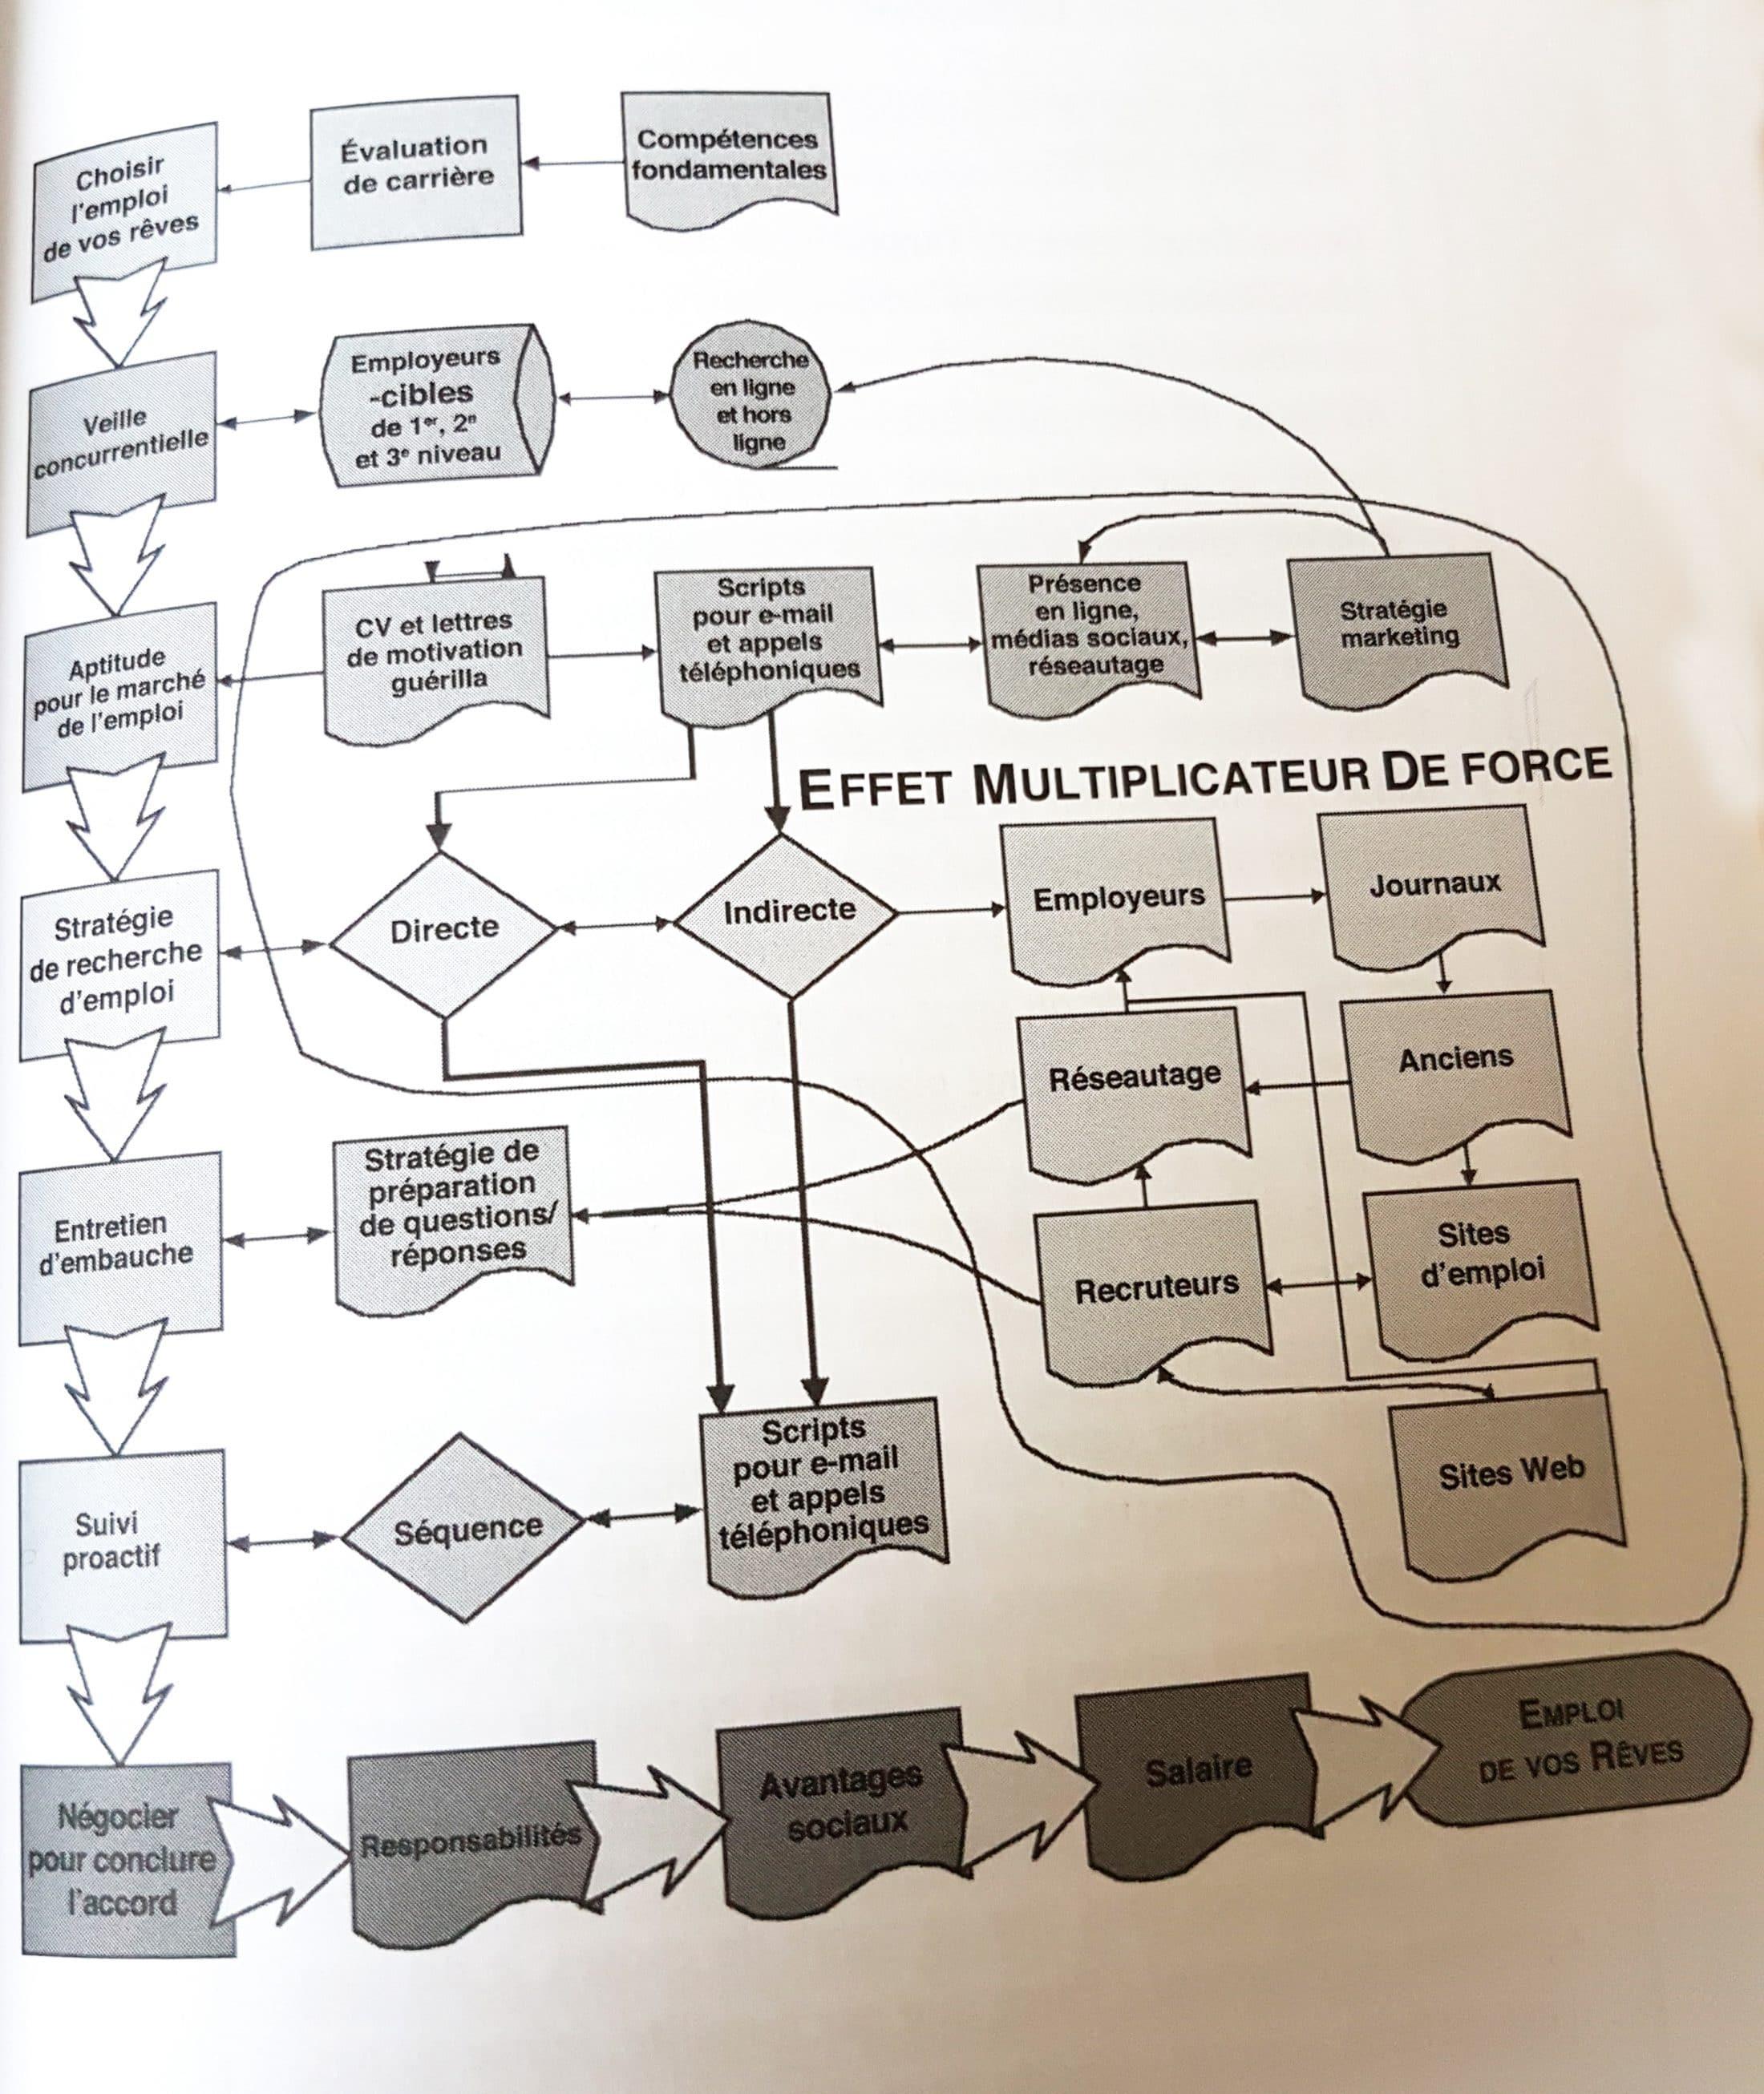 Organigramme du candidat guérillero